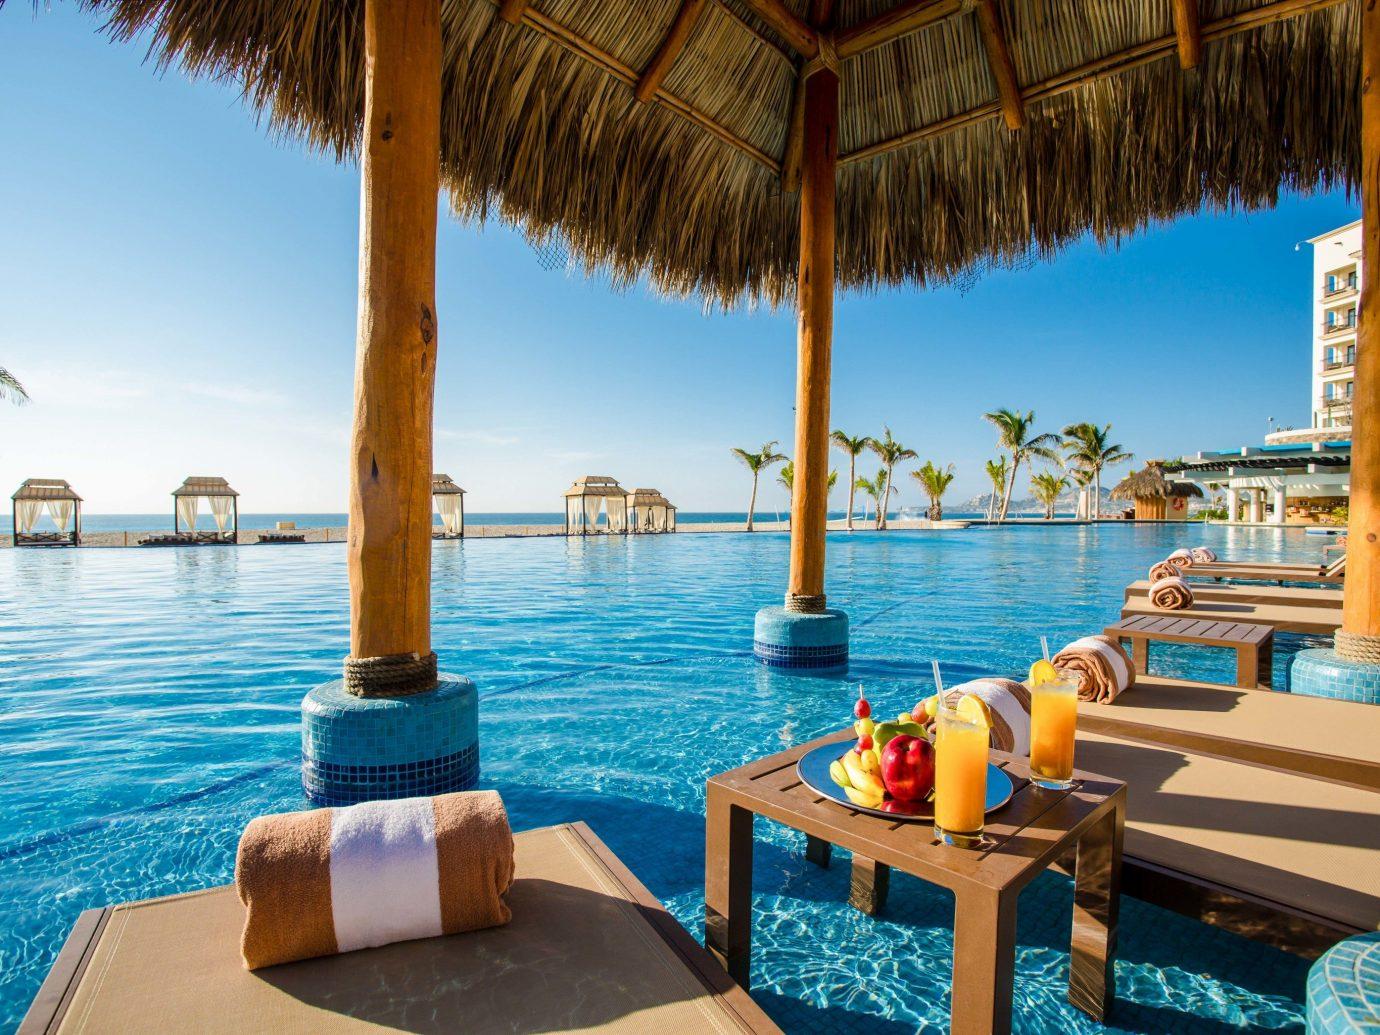 Pool at Hyatt Ziva Los Cabos